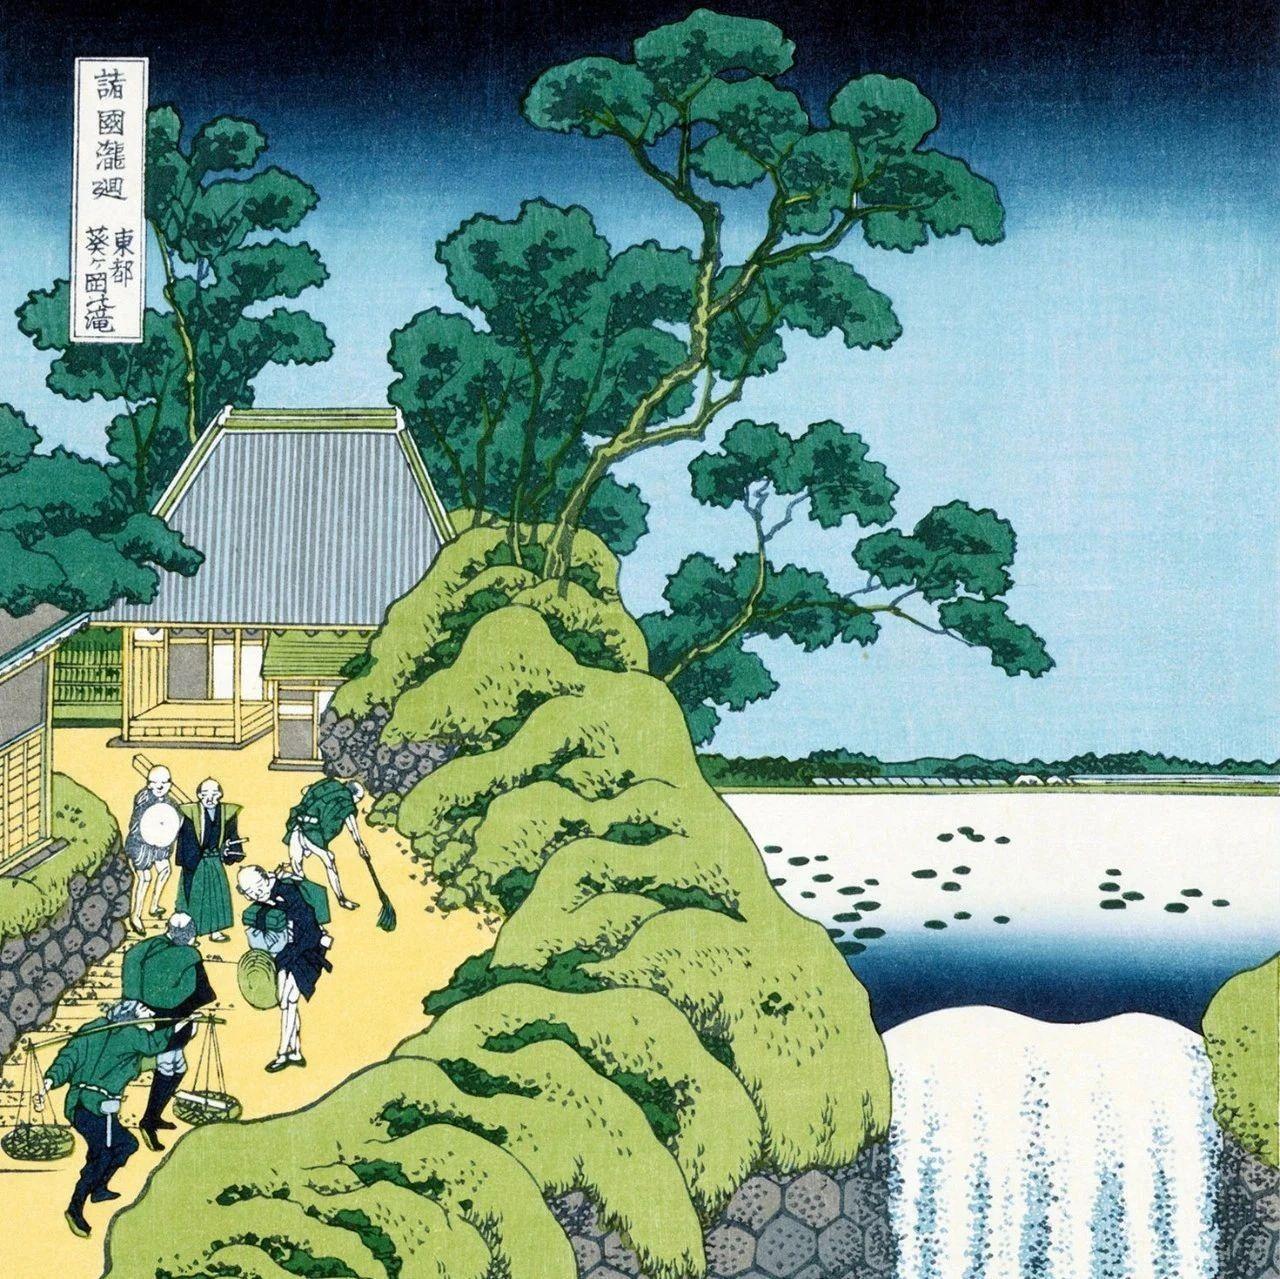 日本浮世绘版画第一场,甄选43件名家佳作,惊喜来袭